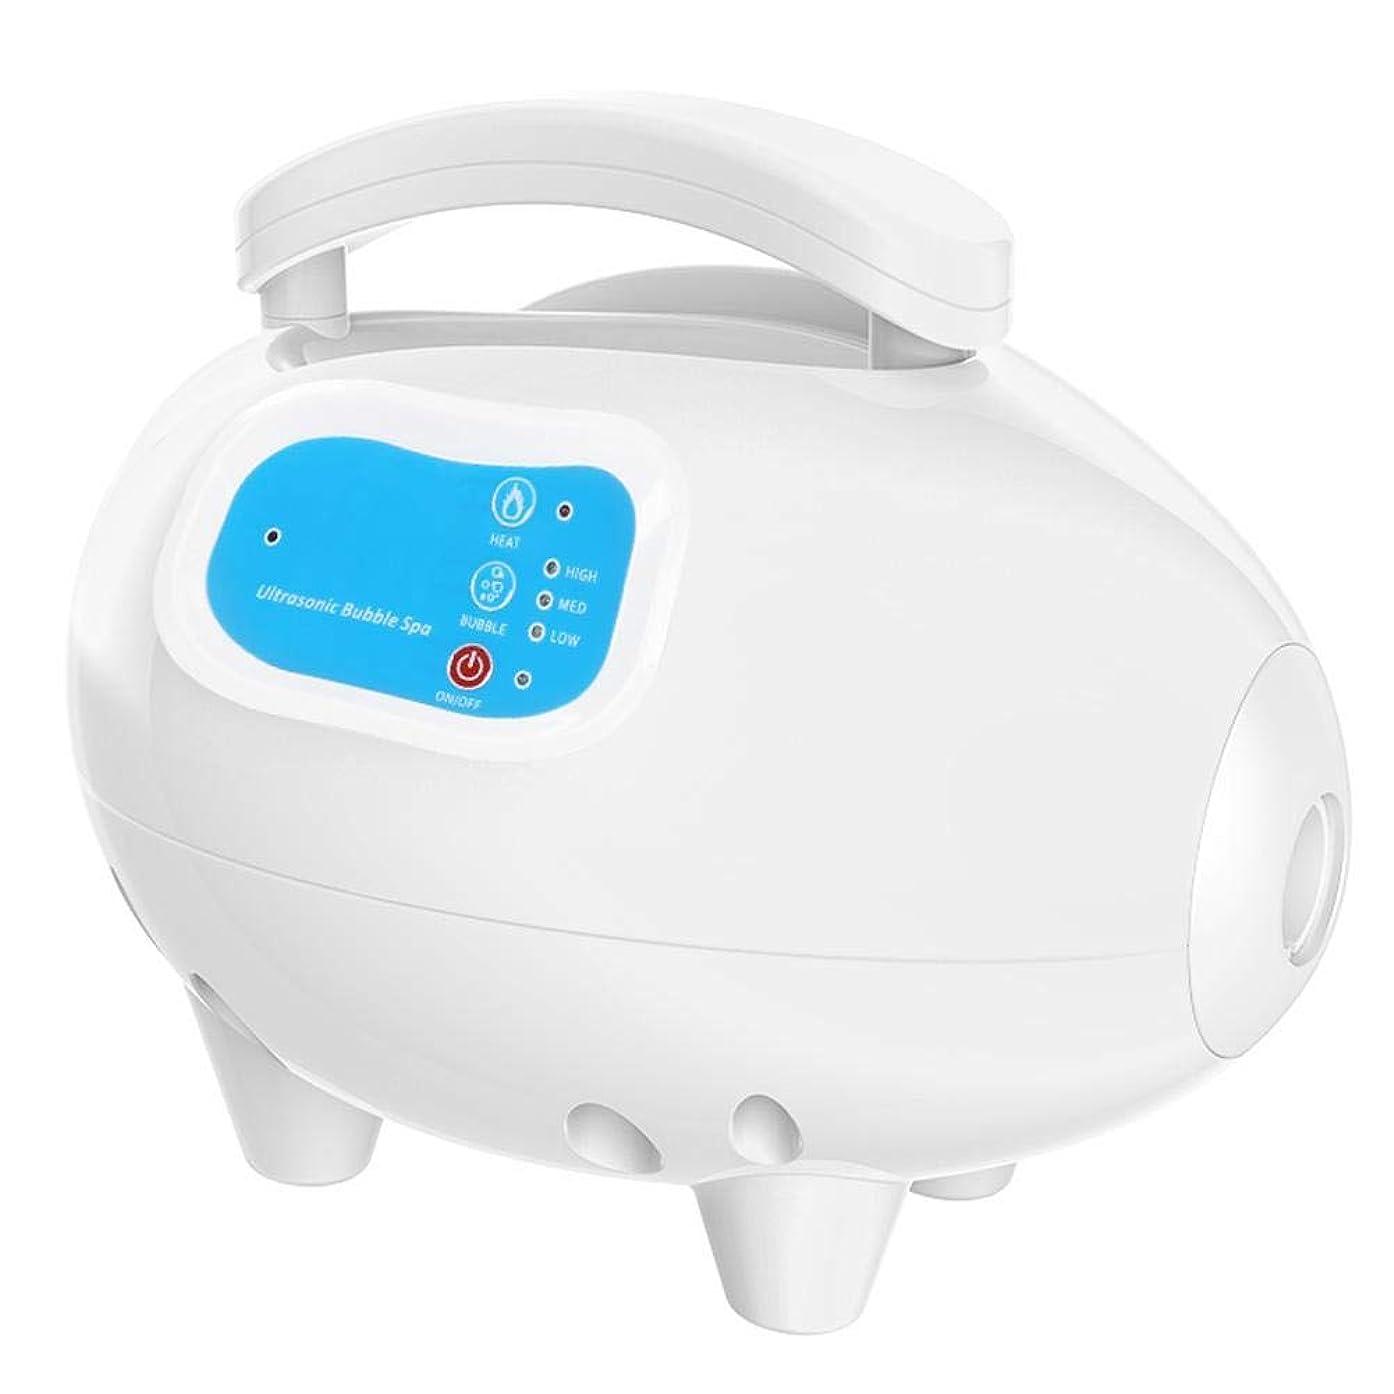 アームストロング修正する虚弱スパ泡風呂浴槽機防水エアー泡風呂浴槽殺菌ボディスパマッサージマット付きエアホース(110?220V)